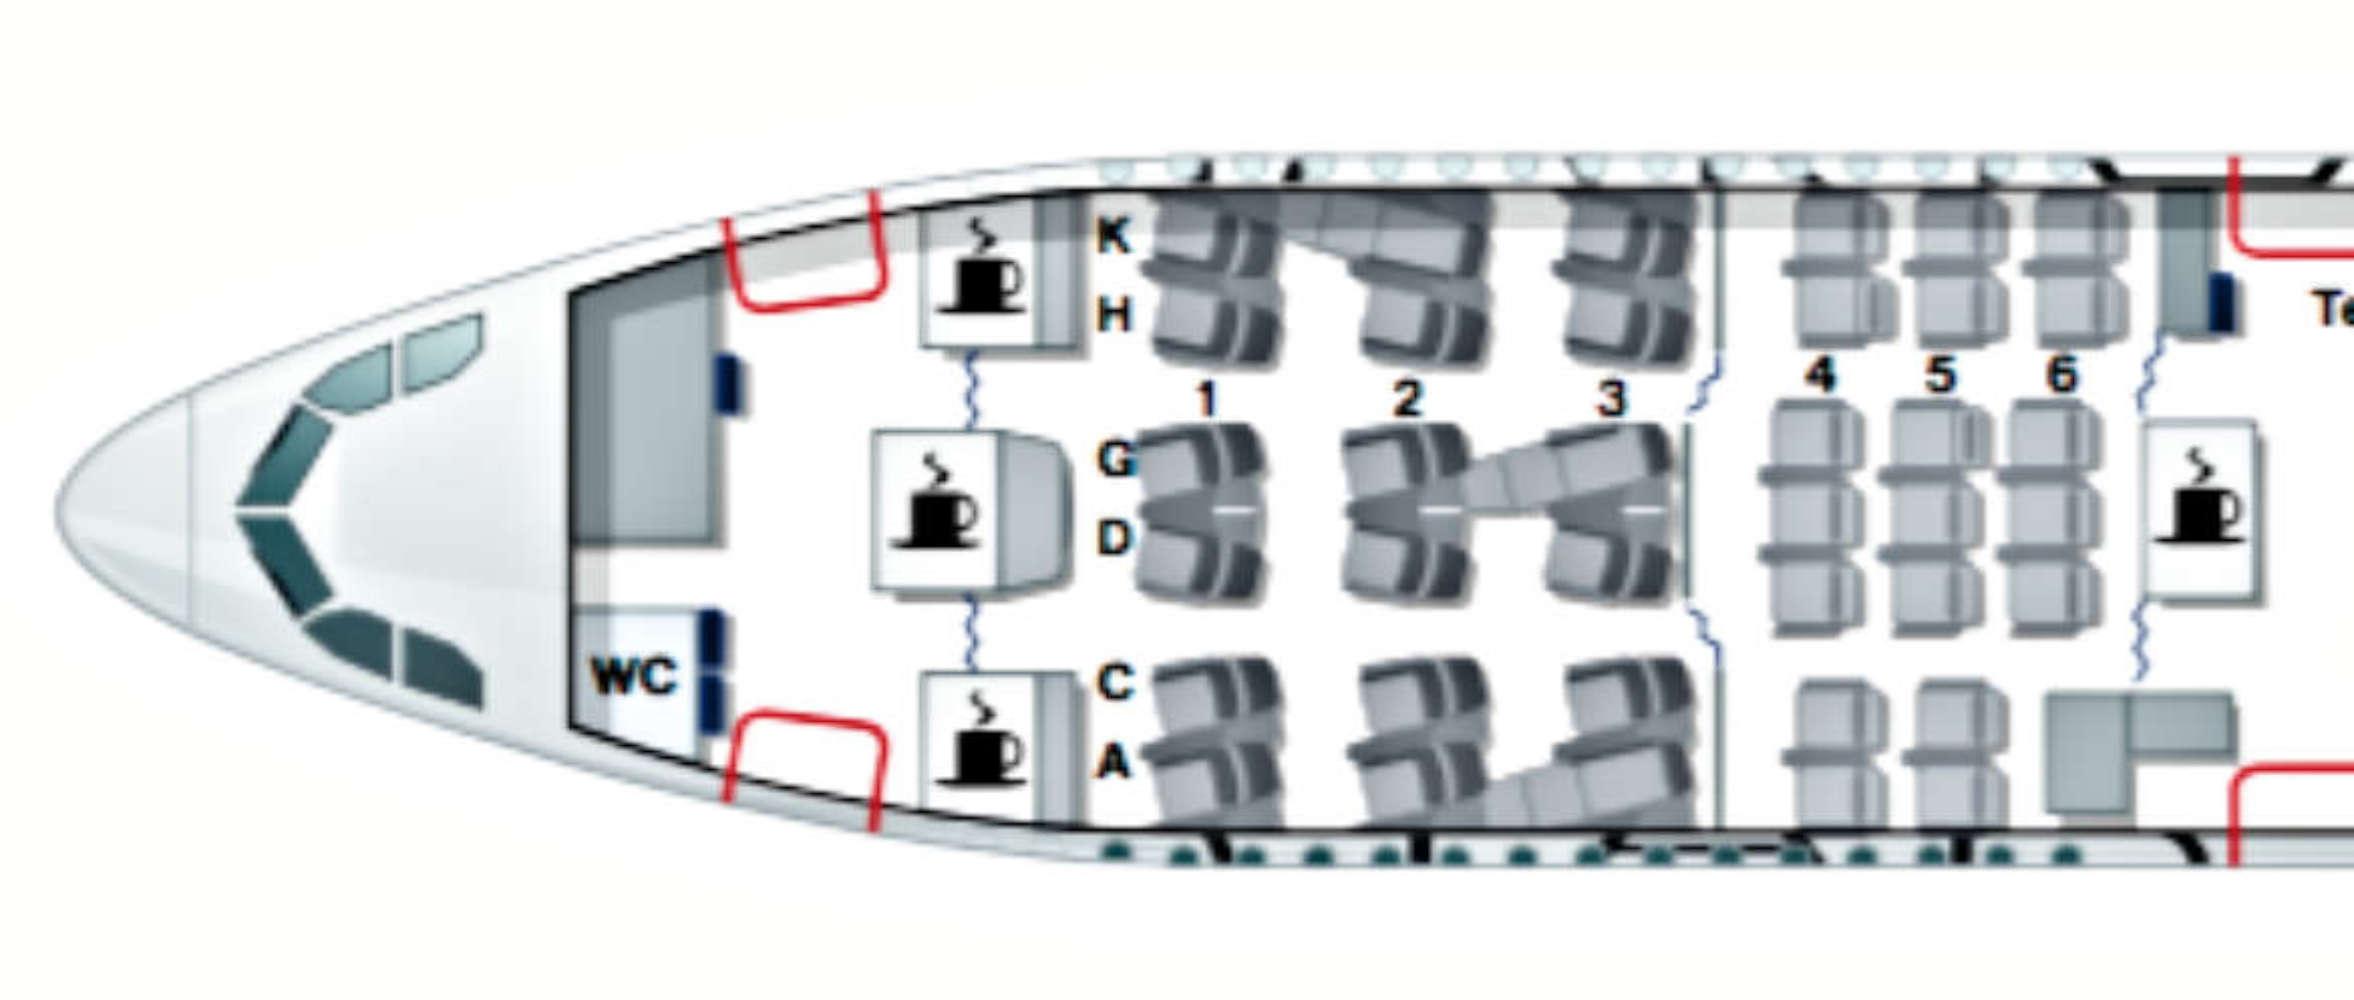 Die Kabine in der Premium Economy der Lufthansa